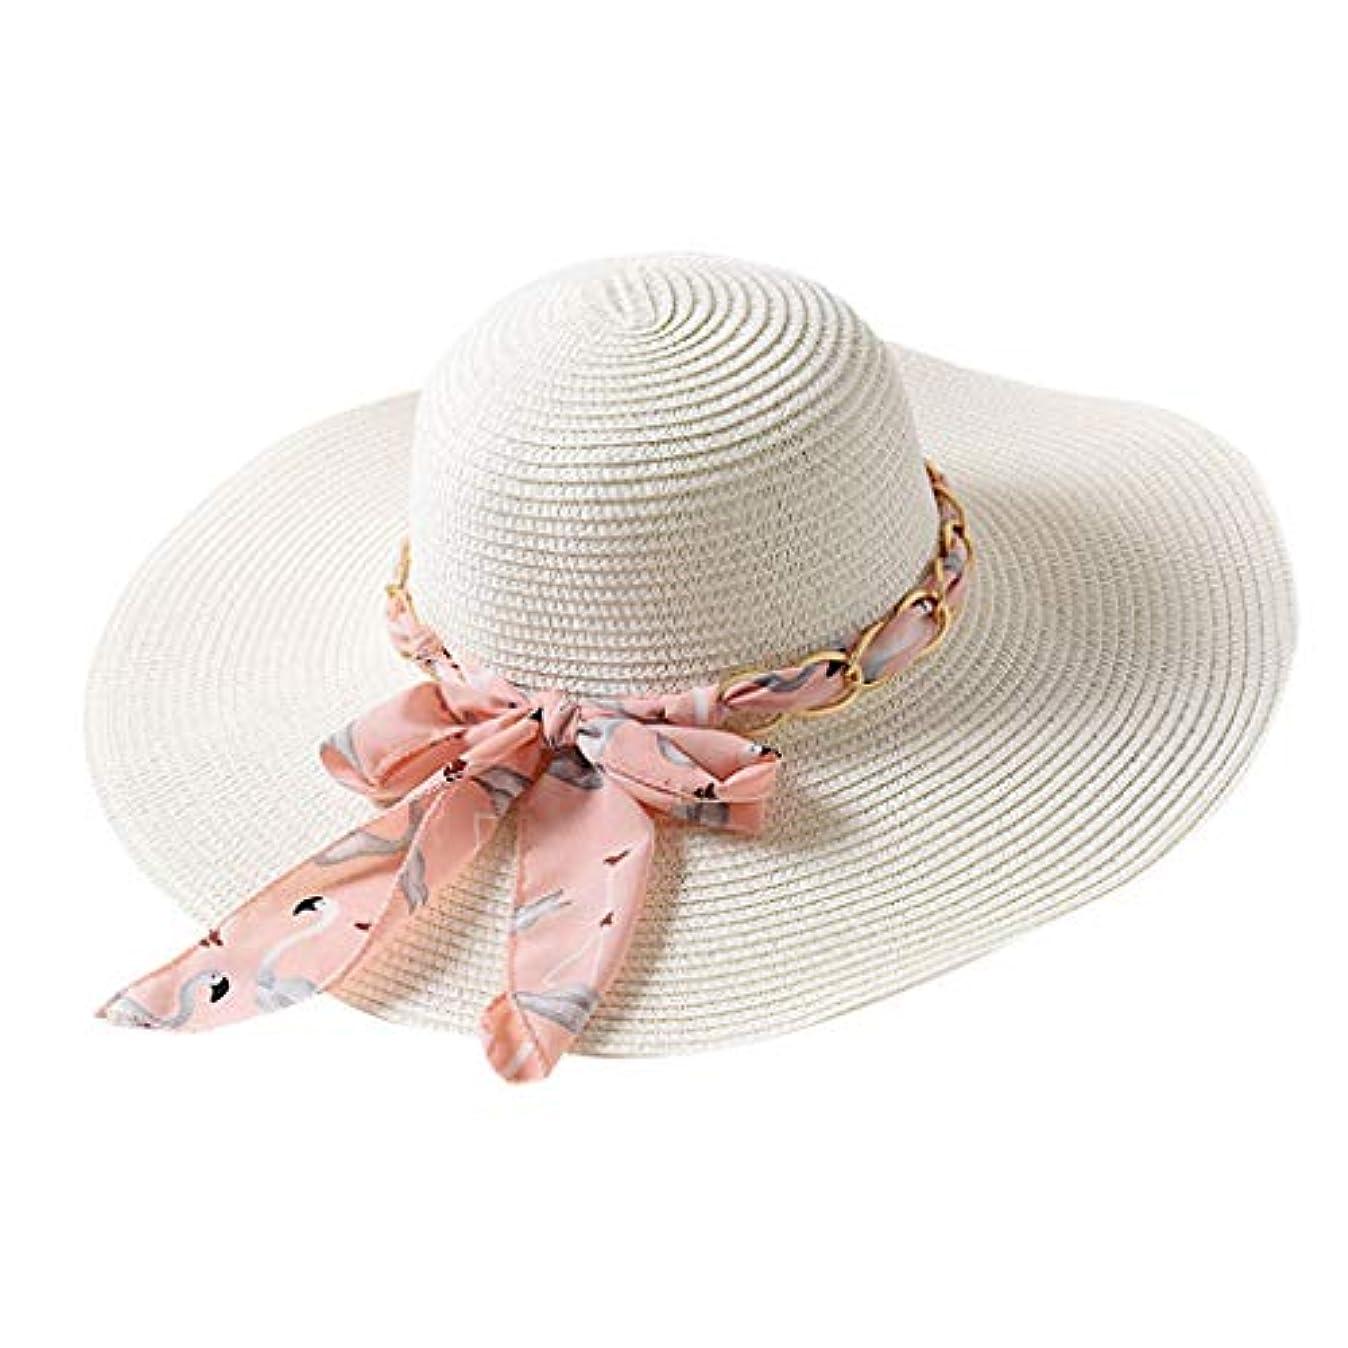 確執理想的集まるファッション小物 夏 帽子 レディース UVカット 帽子 ハット レディース 紫外線対策 日焼け防止 取り外すあご紐 つば広 おしゃれ 可愛い 夏季 折りたたみ サイズ調節可 旅行 女優帽 小顔効果抜群 ROSE ROMAN